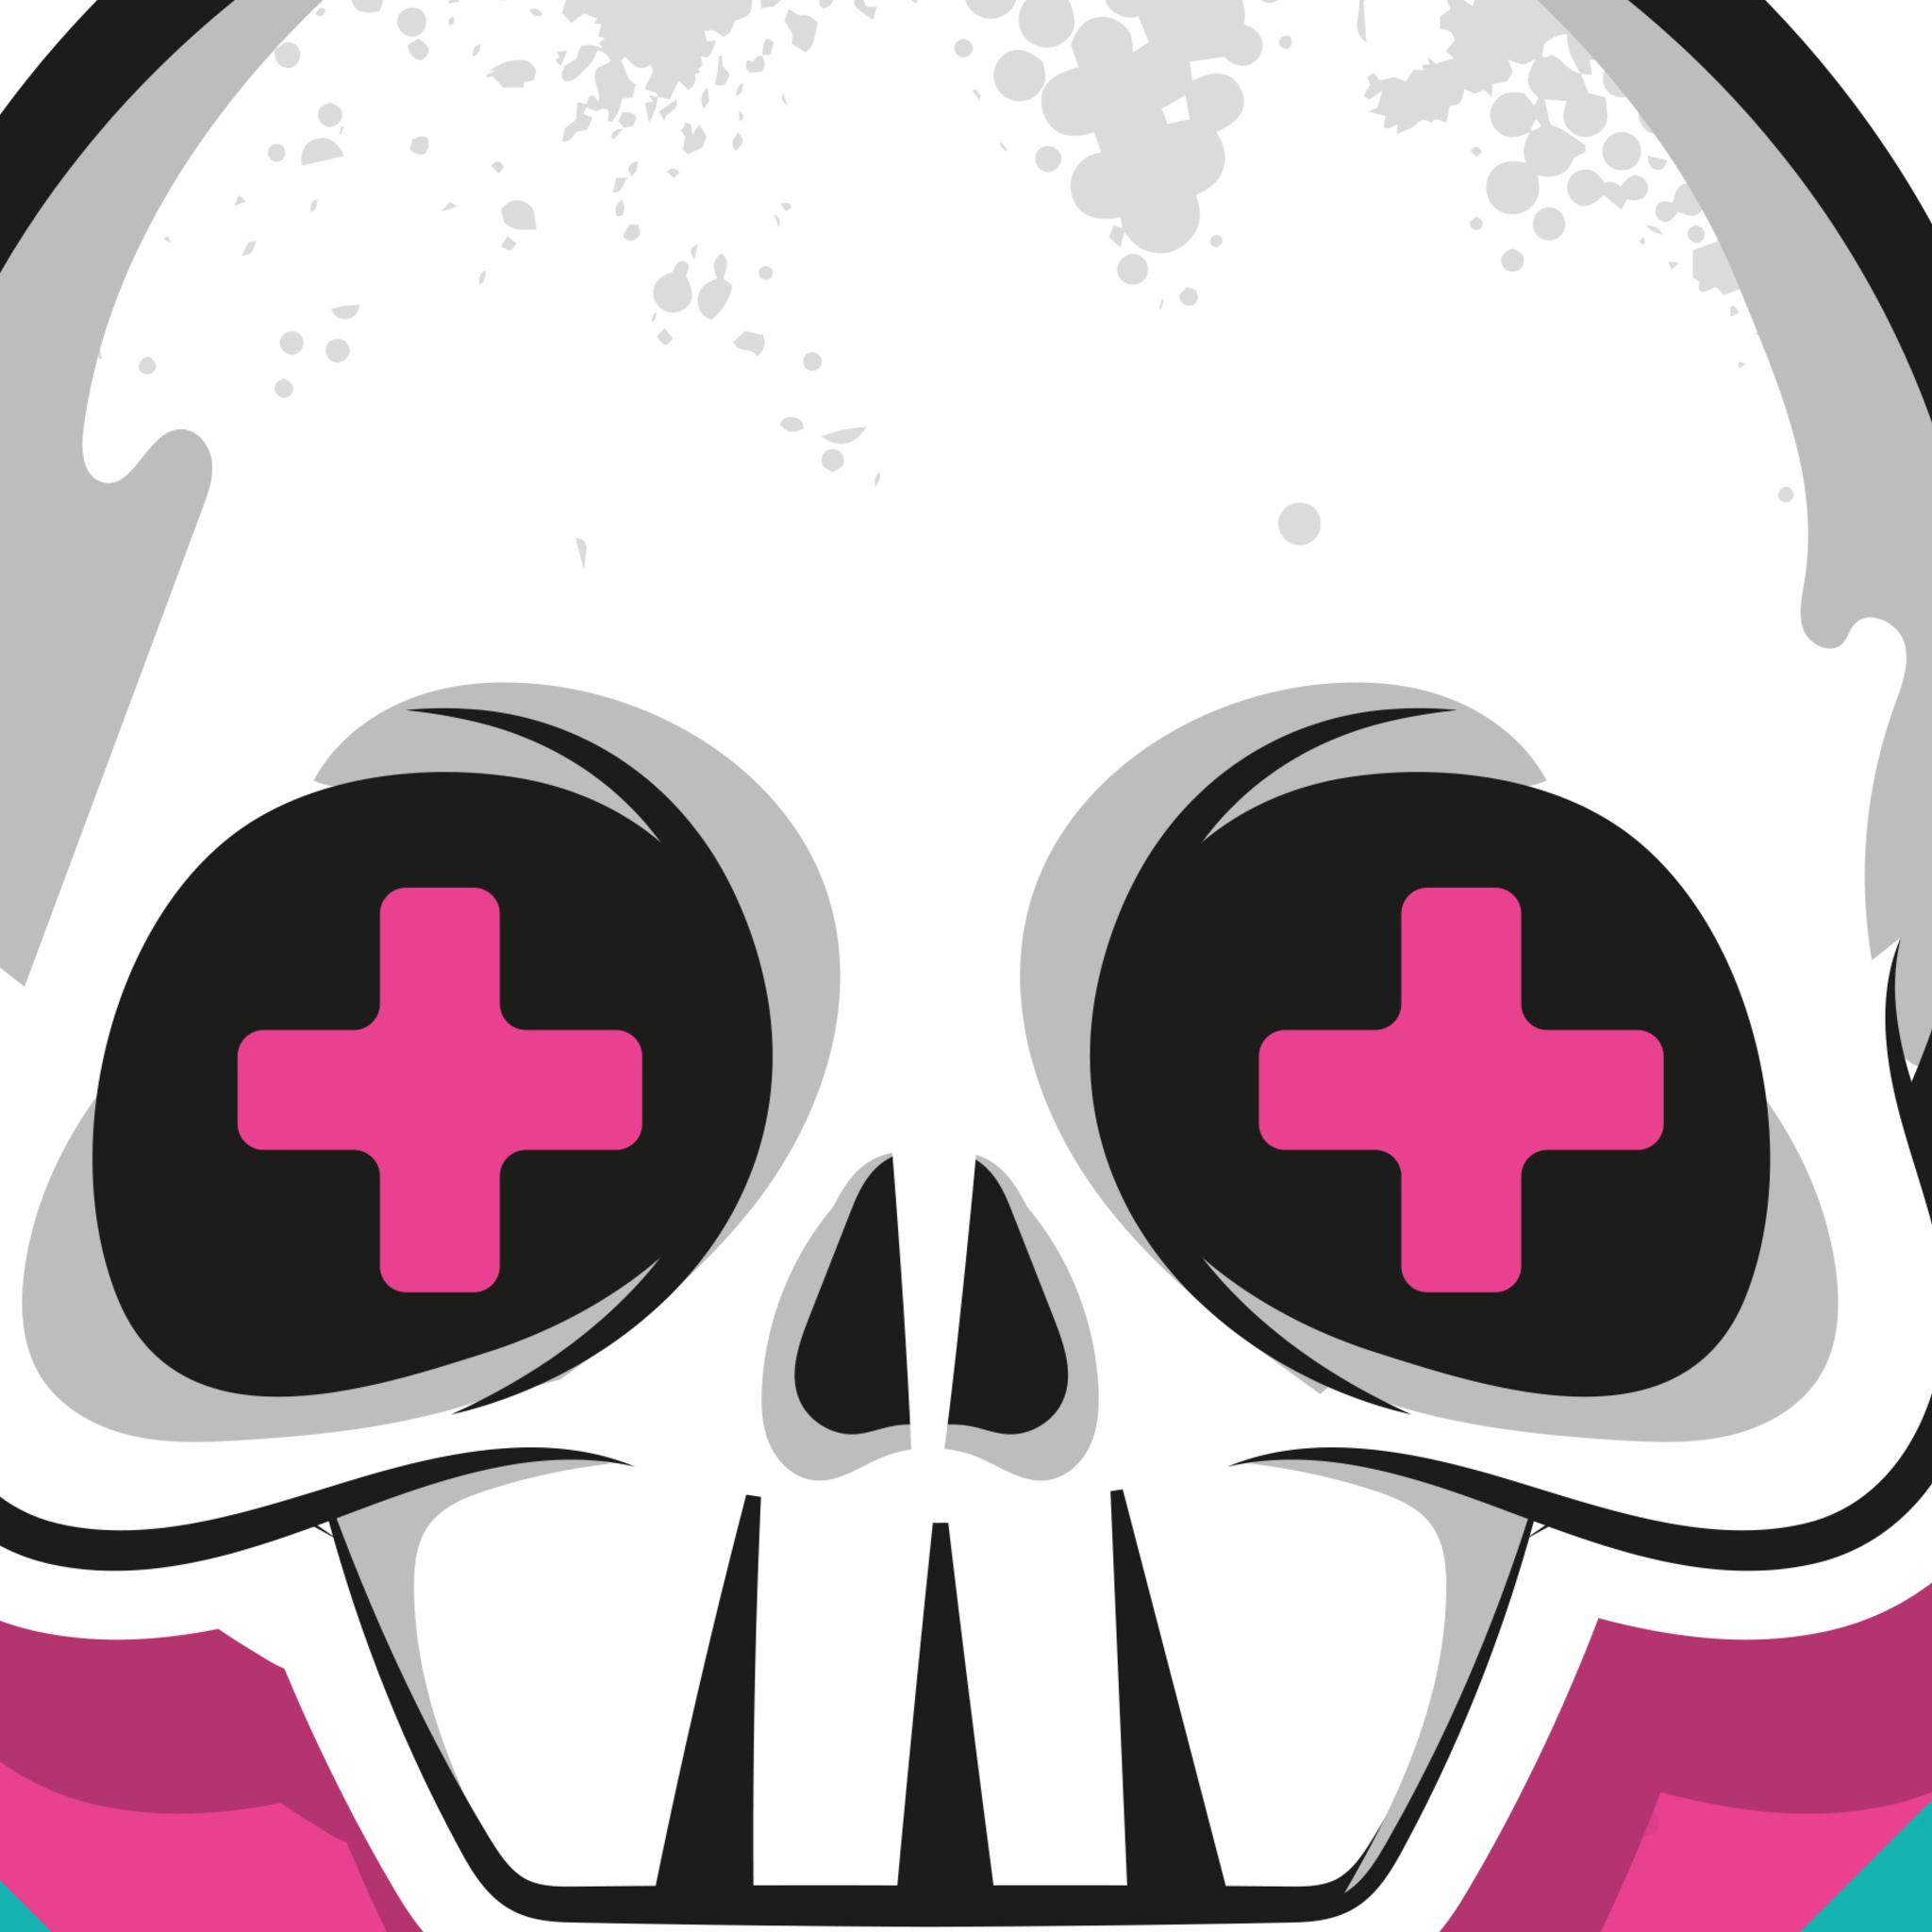 skull-headphone-art-4k-gt.jpg